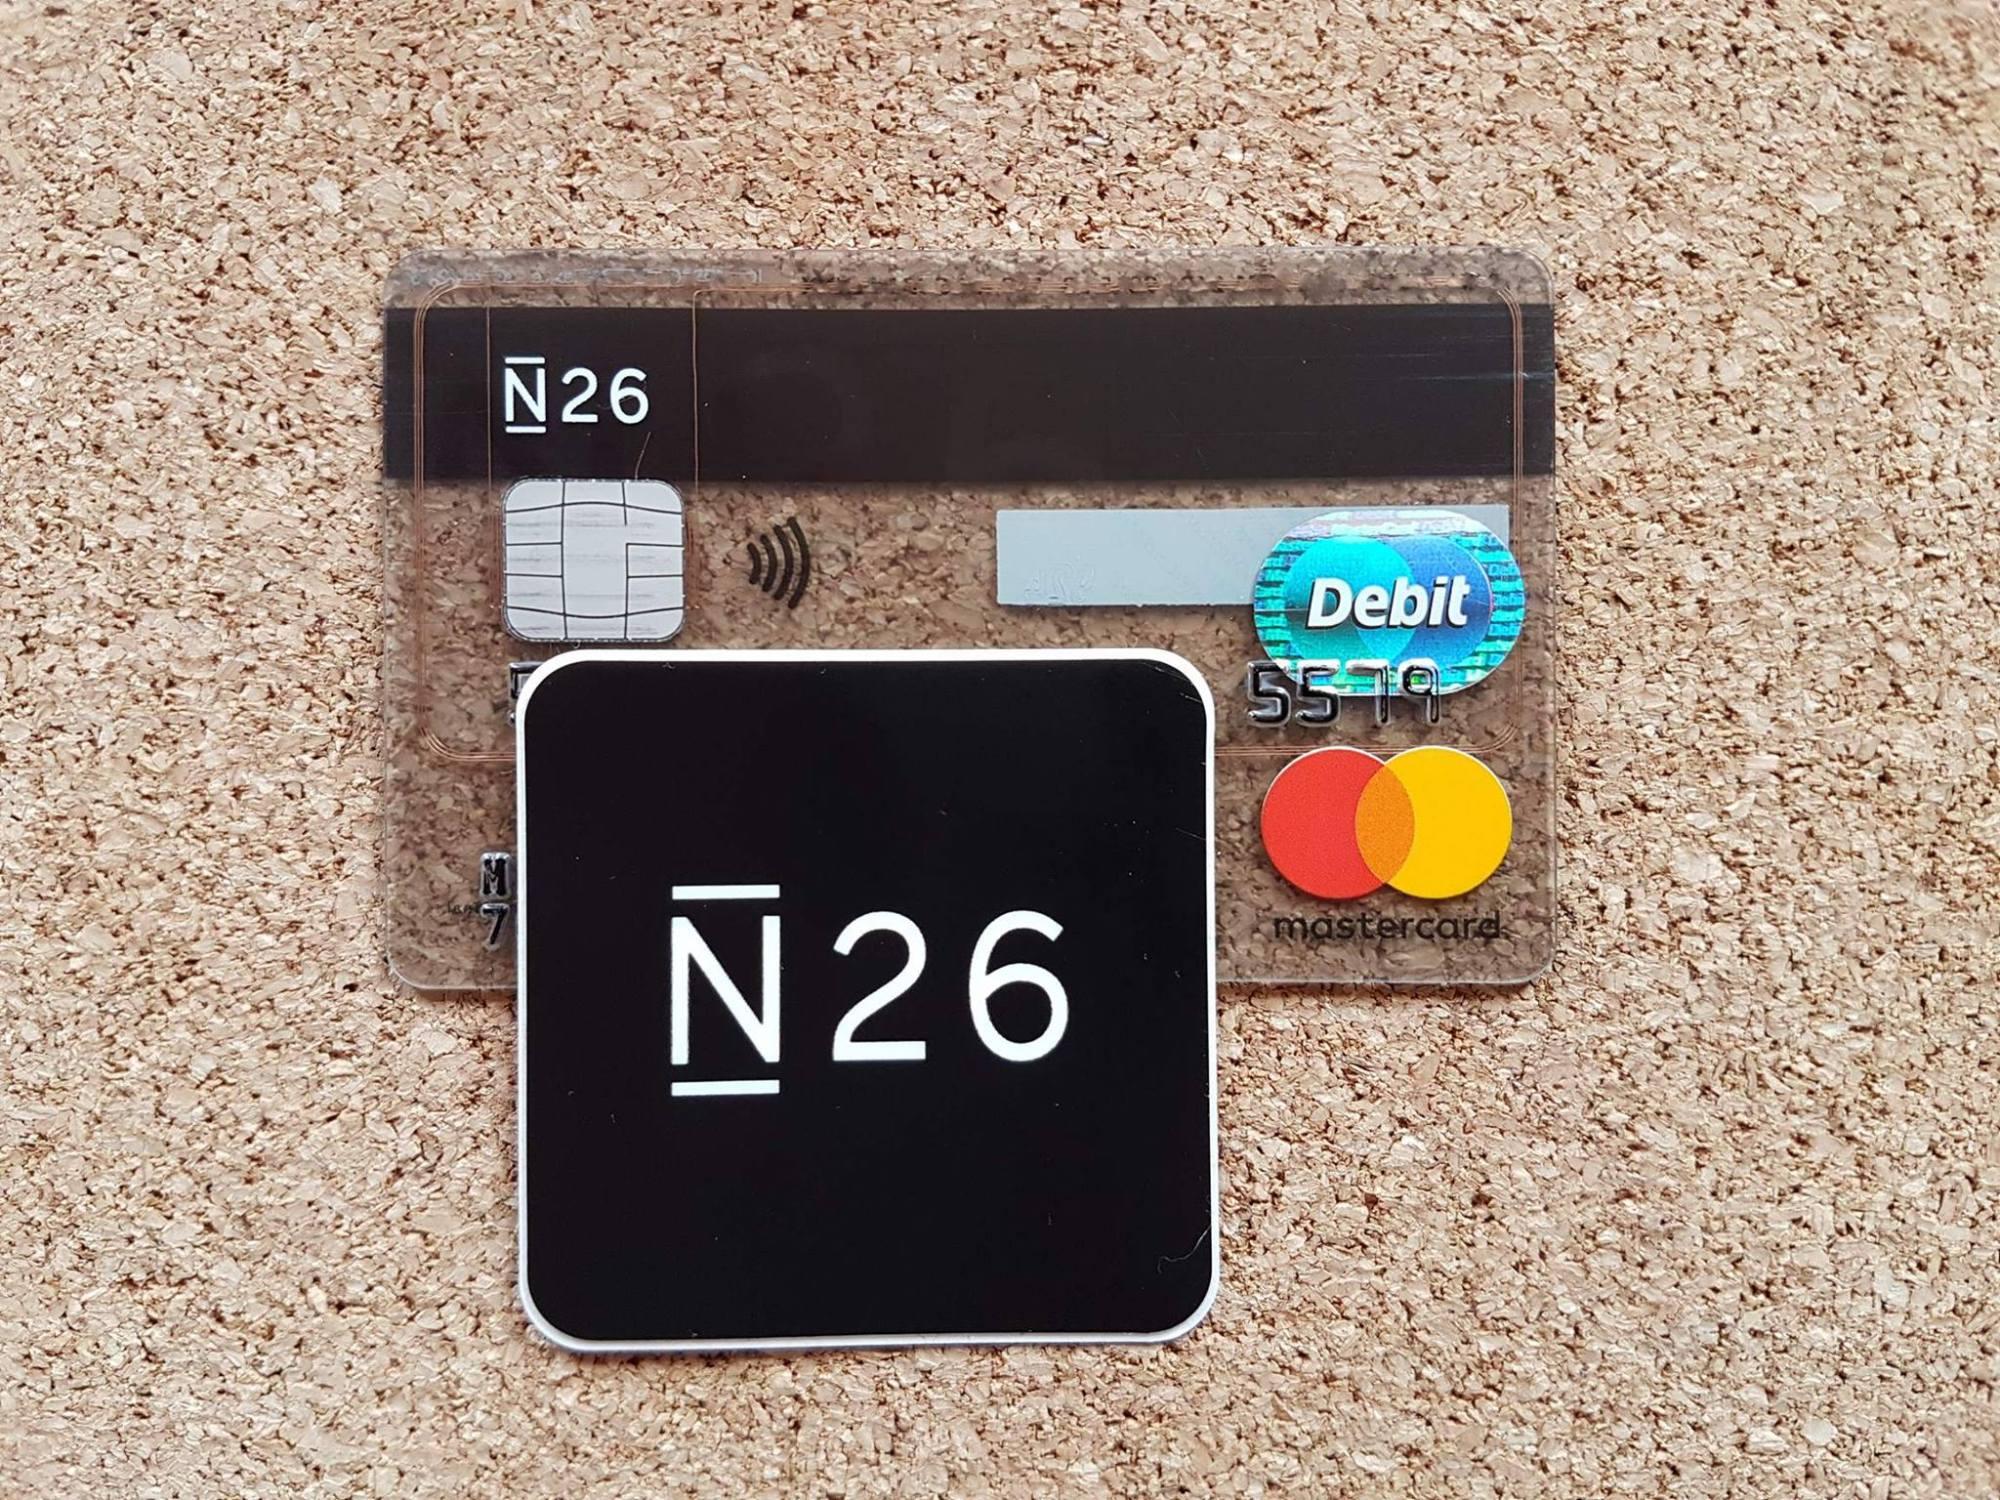 avis n26 la banque en ligne frenchvoyager